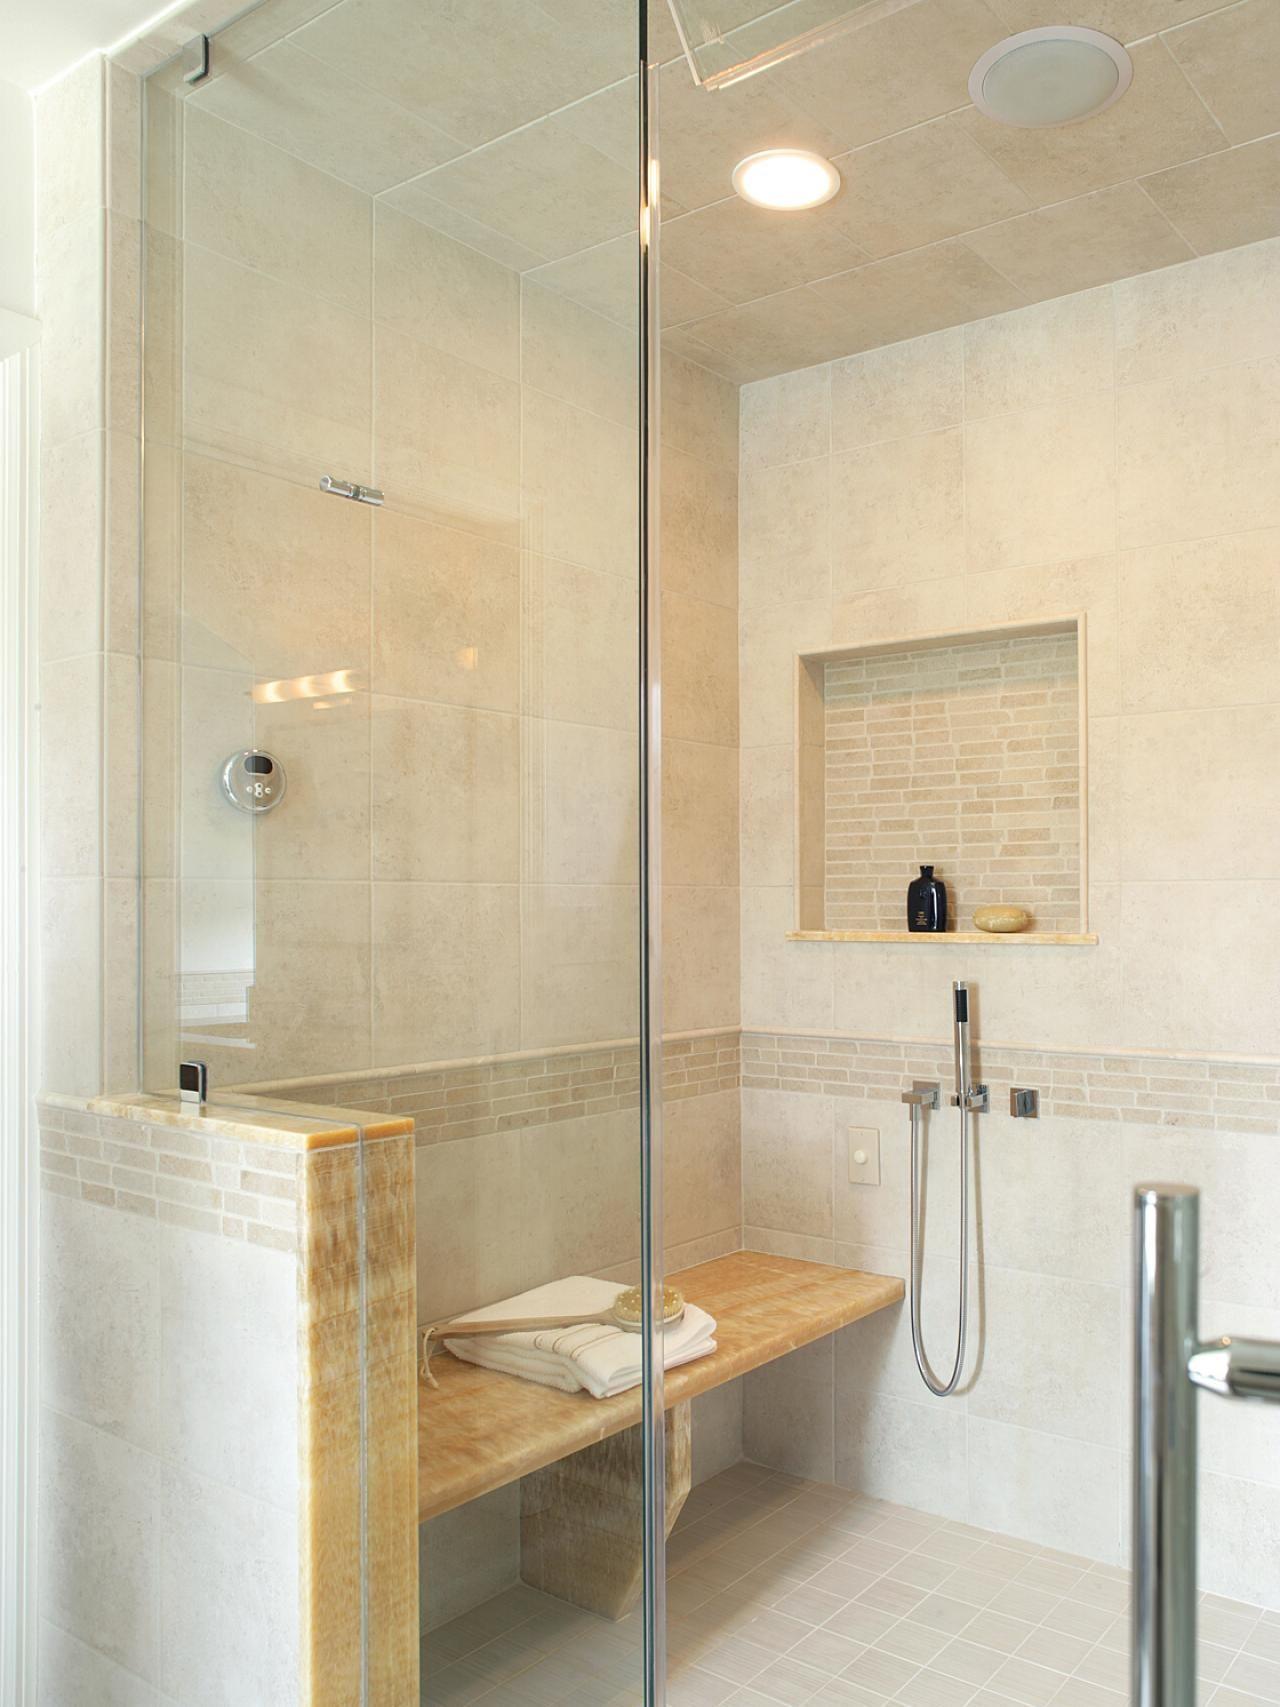 Die Anforderungen Der Ada Badezimmer Grundrisse Ada Badezimmer Grundrisse Wenn Sie Alteren Oder Behin Bathroom Layout Handicap Bathroom Design Ada Bathroom